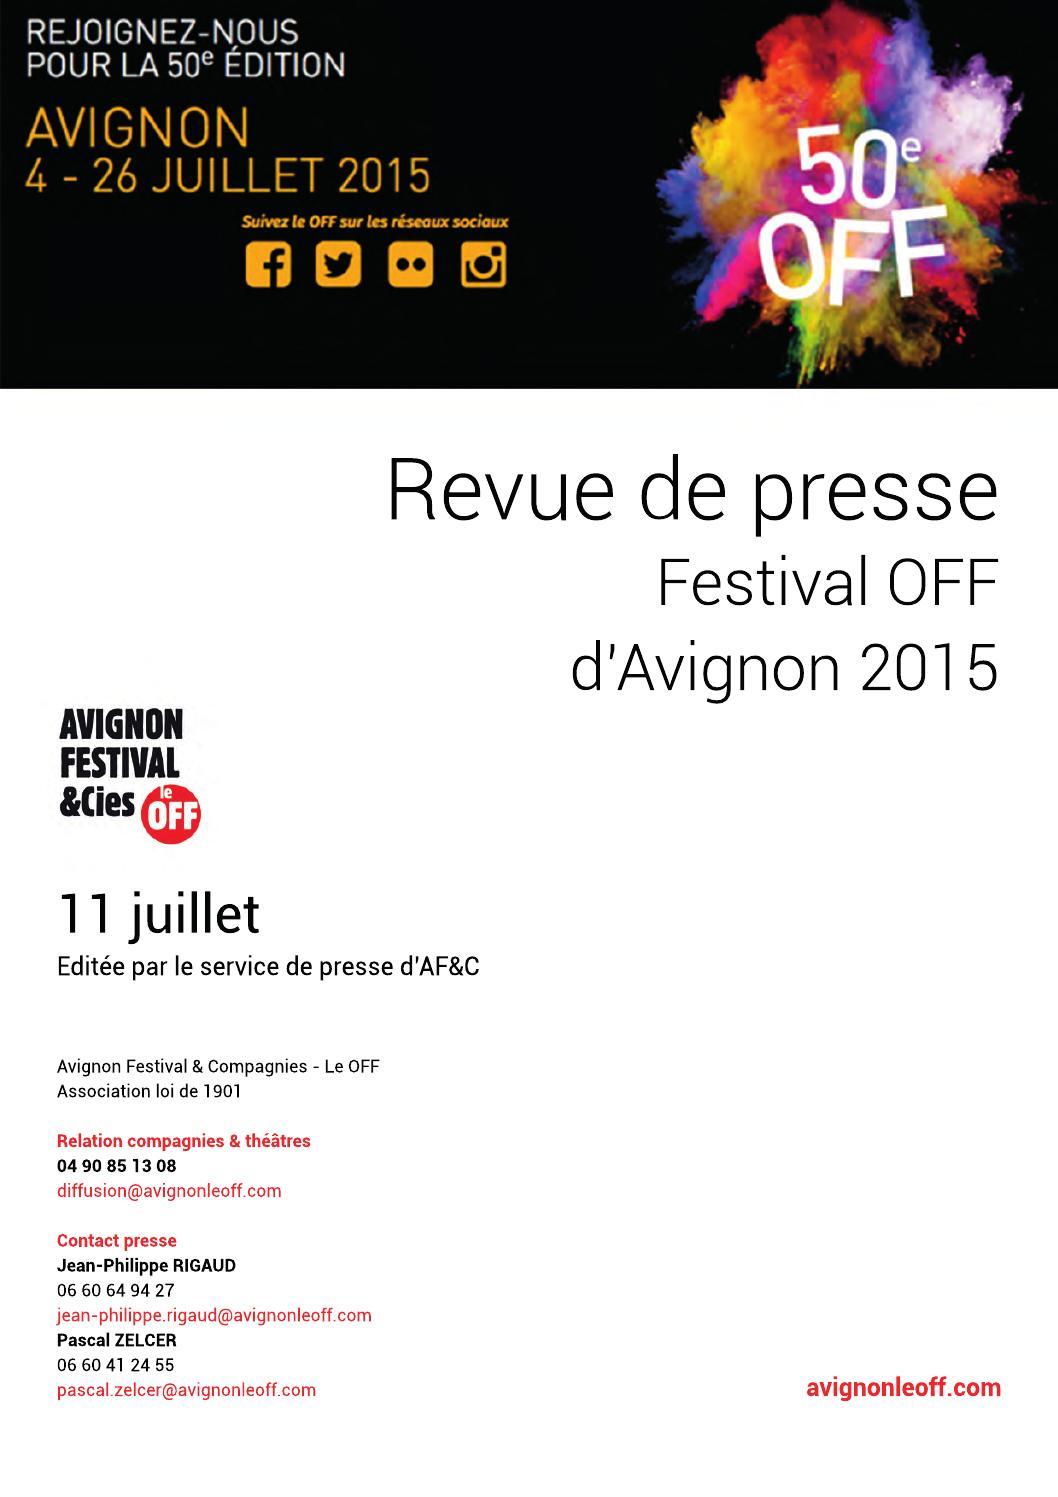 revue de presse festival off d 39 avignon 11 juillet 2015 by avignon le off festival off d. Black Bedroom Furniture Sets. Home Design Ideas